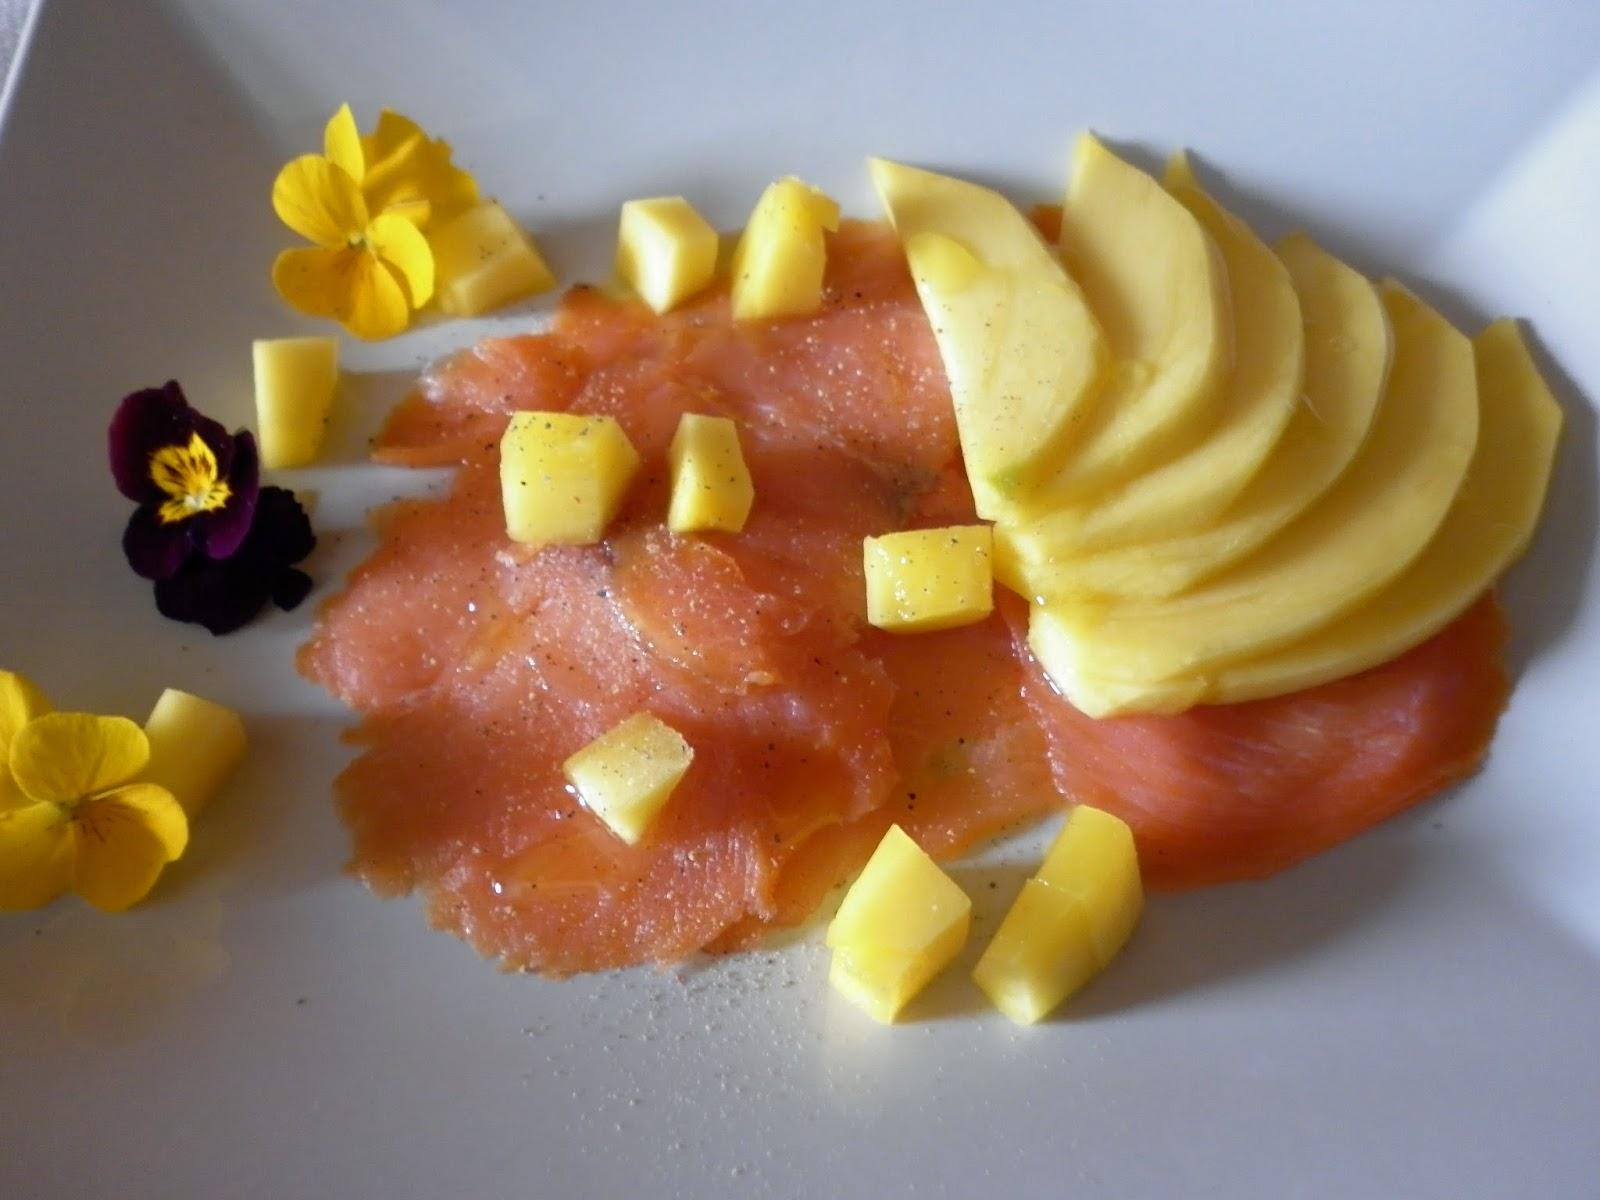 salmone affumicato aromatizzato all'olio di mandarino  con cubetti di mango